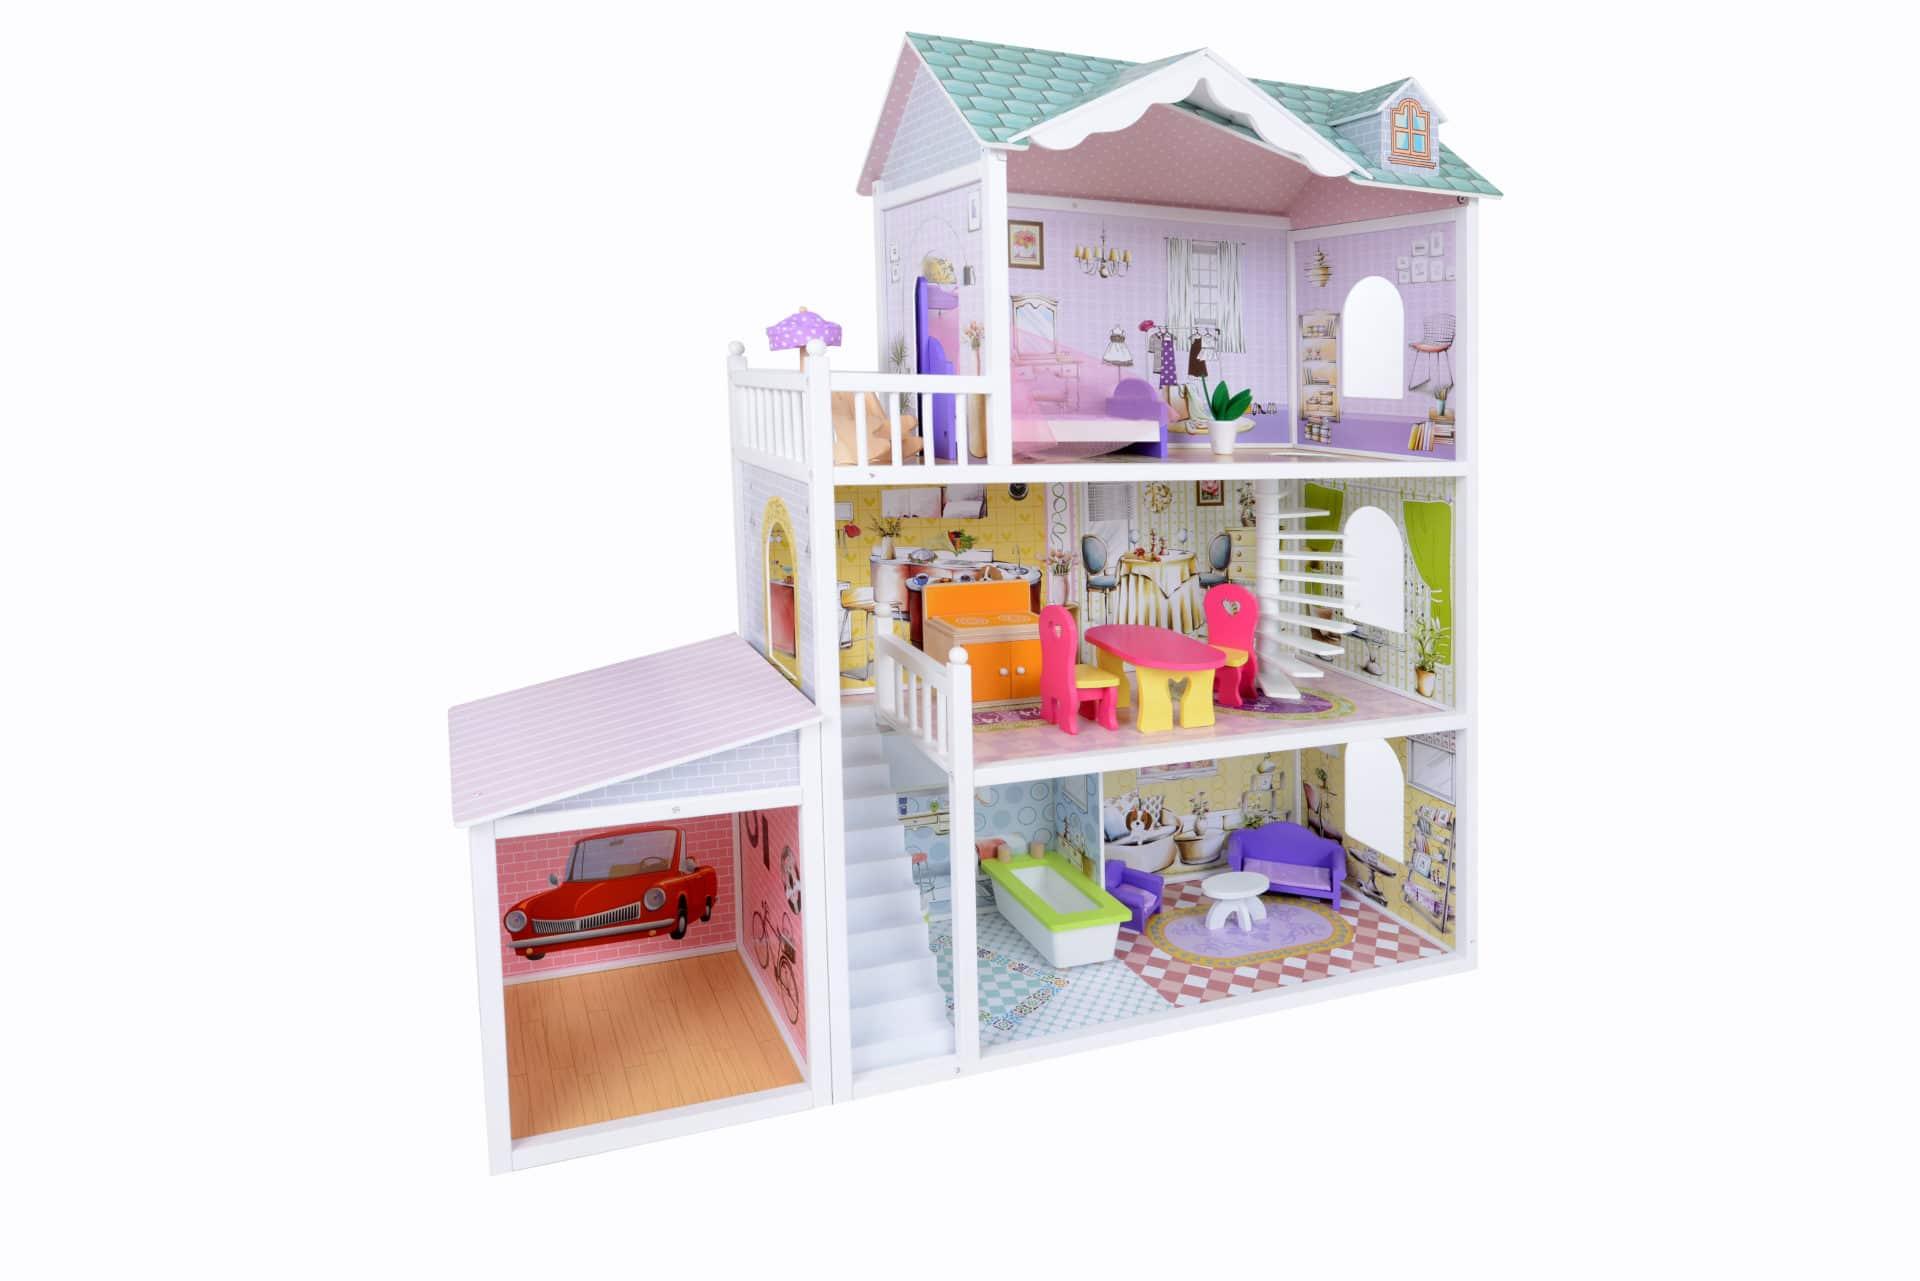 Chambre Petite Fille 3 Ans maison de poupee, jeux et jouets pour enfant, cadeau pour